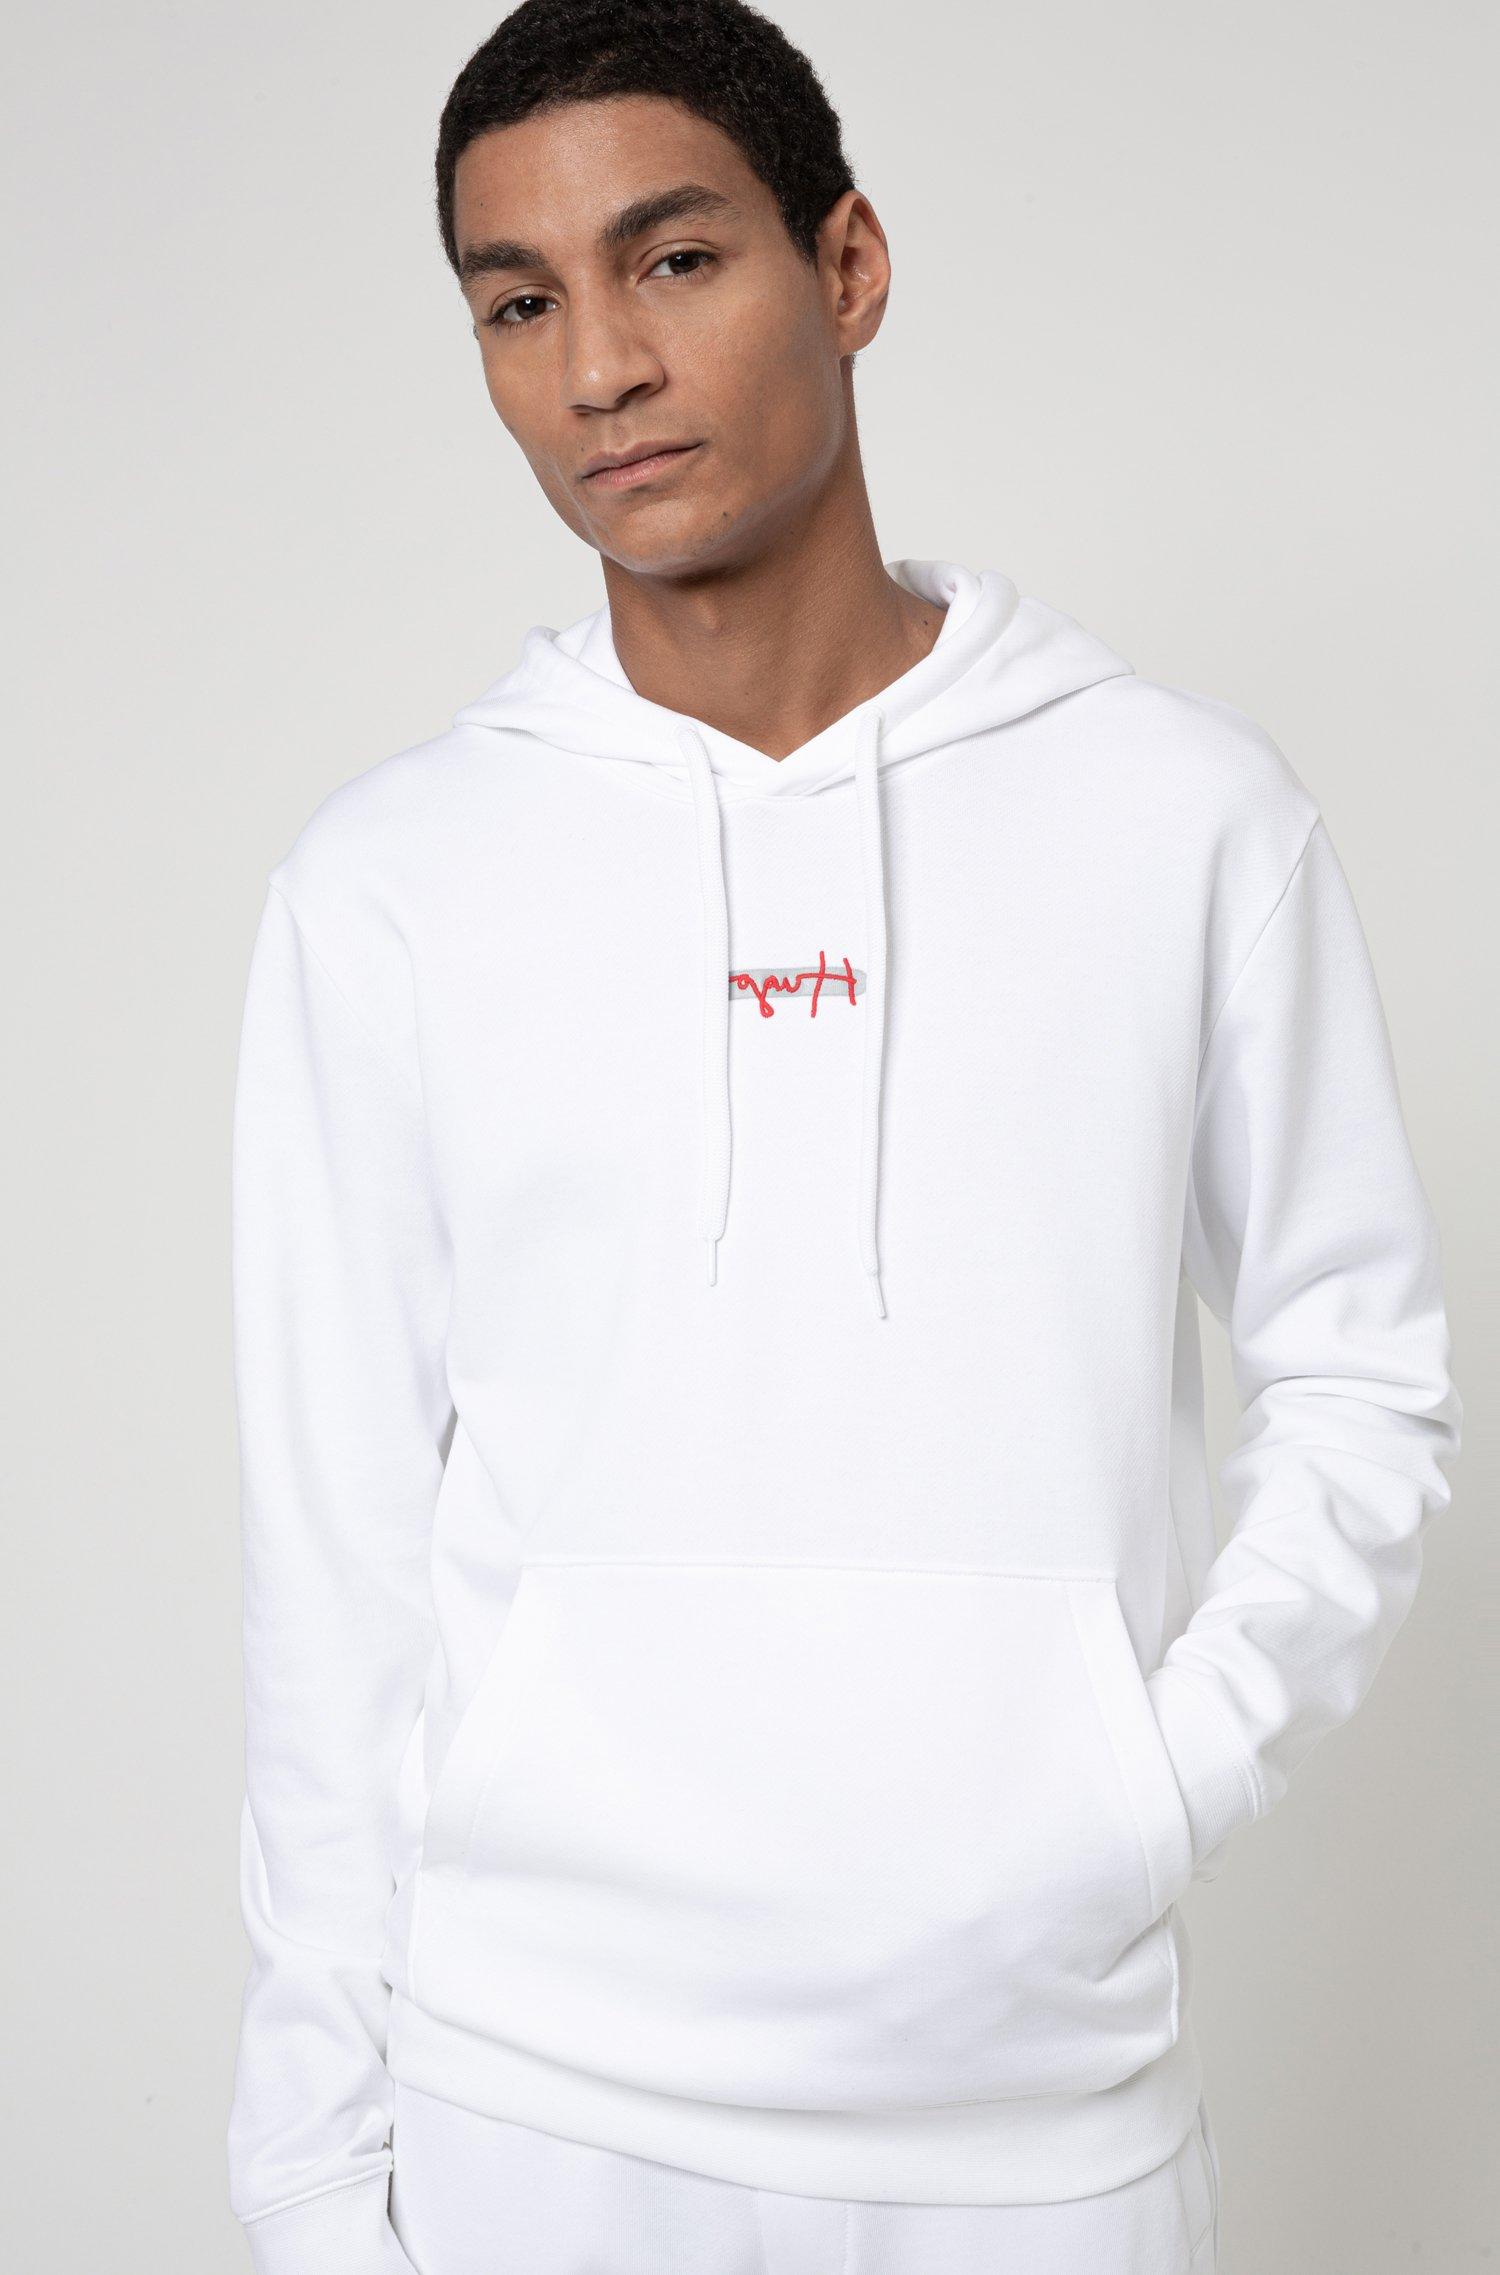 Sweat à capuche en molleton avec logo brodé de la nouvelle saison, Blanc